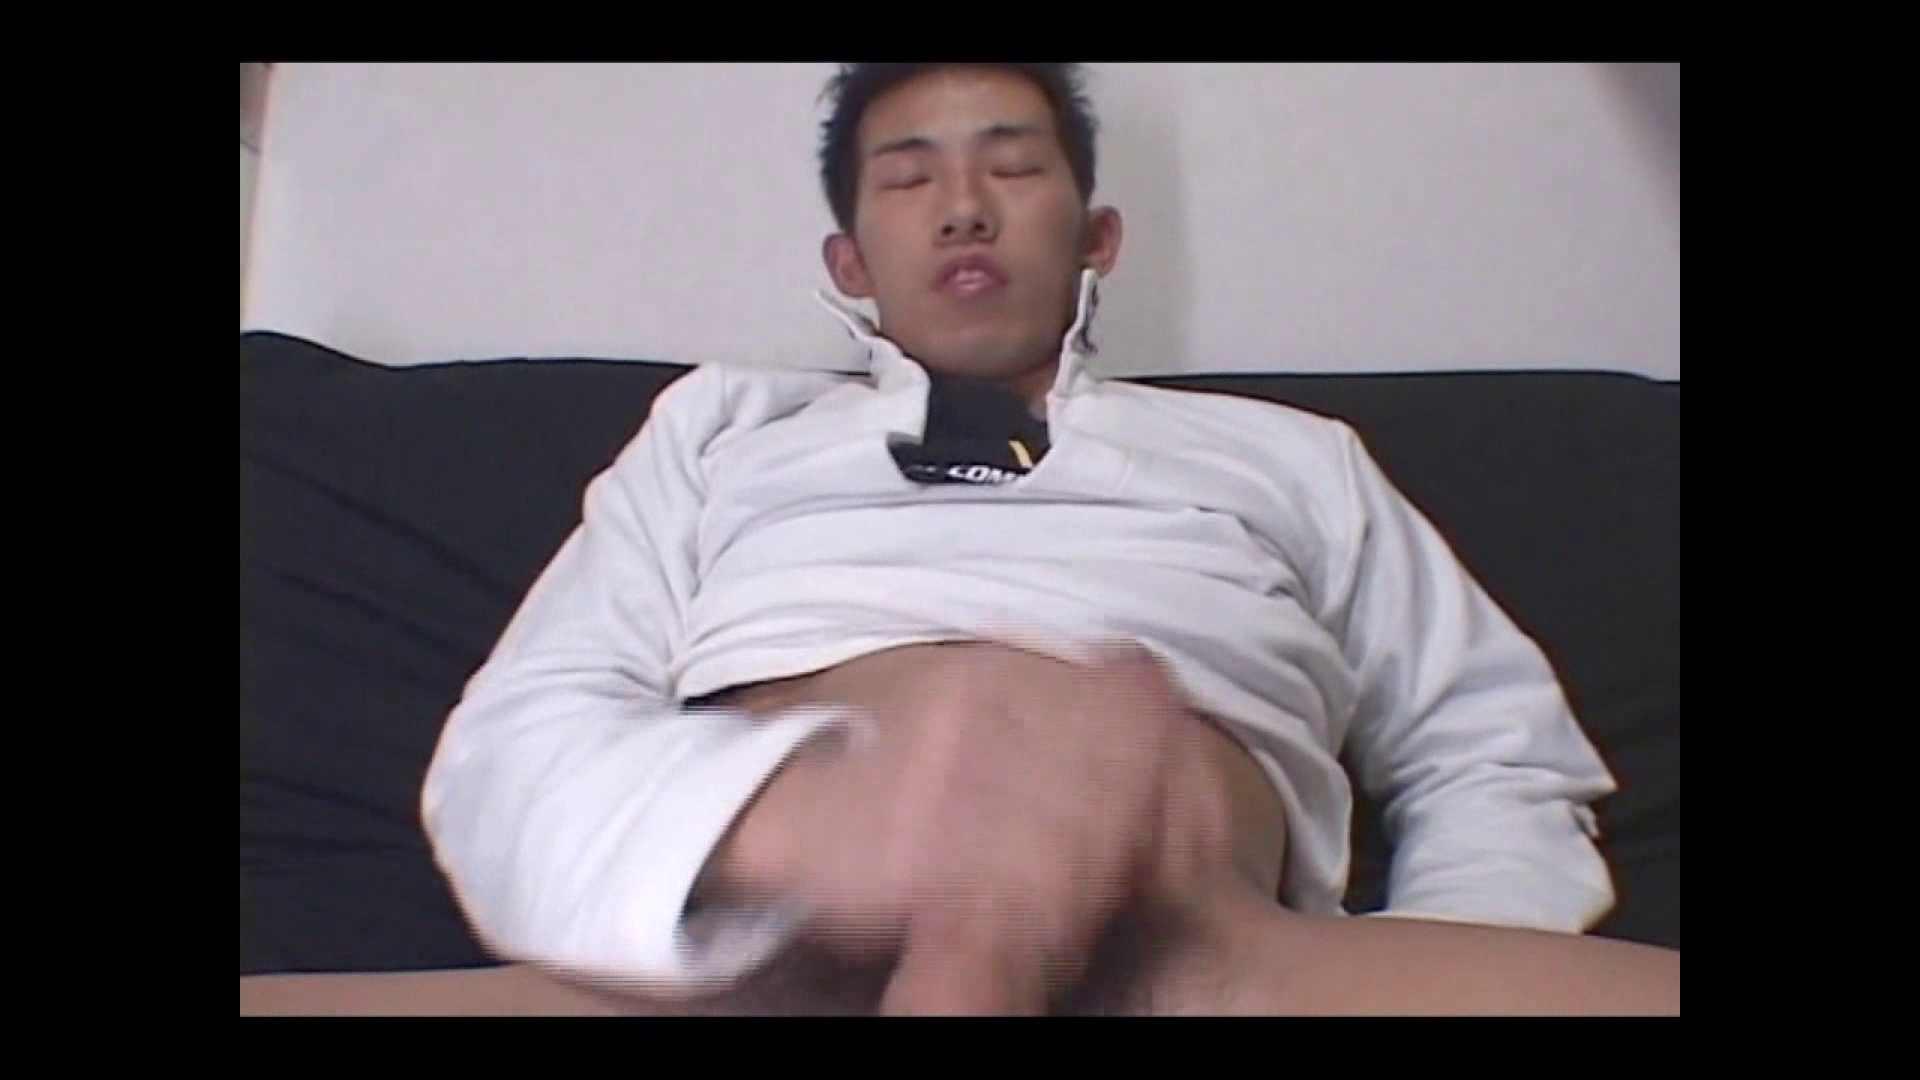 ノンケイケメンの欲望と肉棒 Vol.15 イケメンのsex | 肉  76pic 35